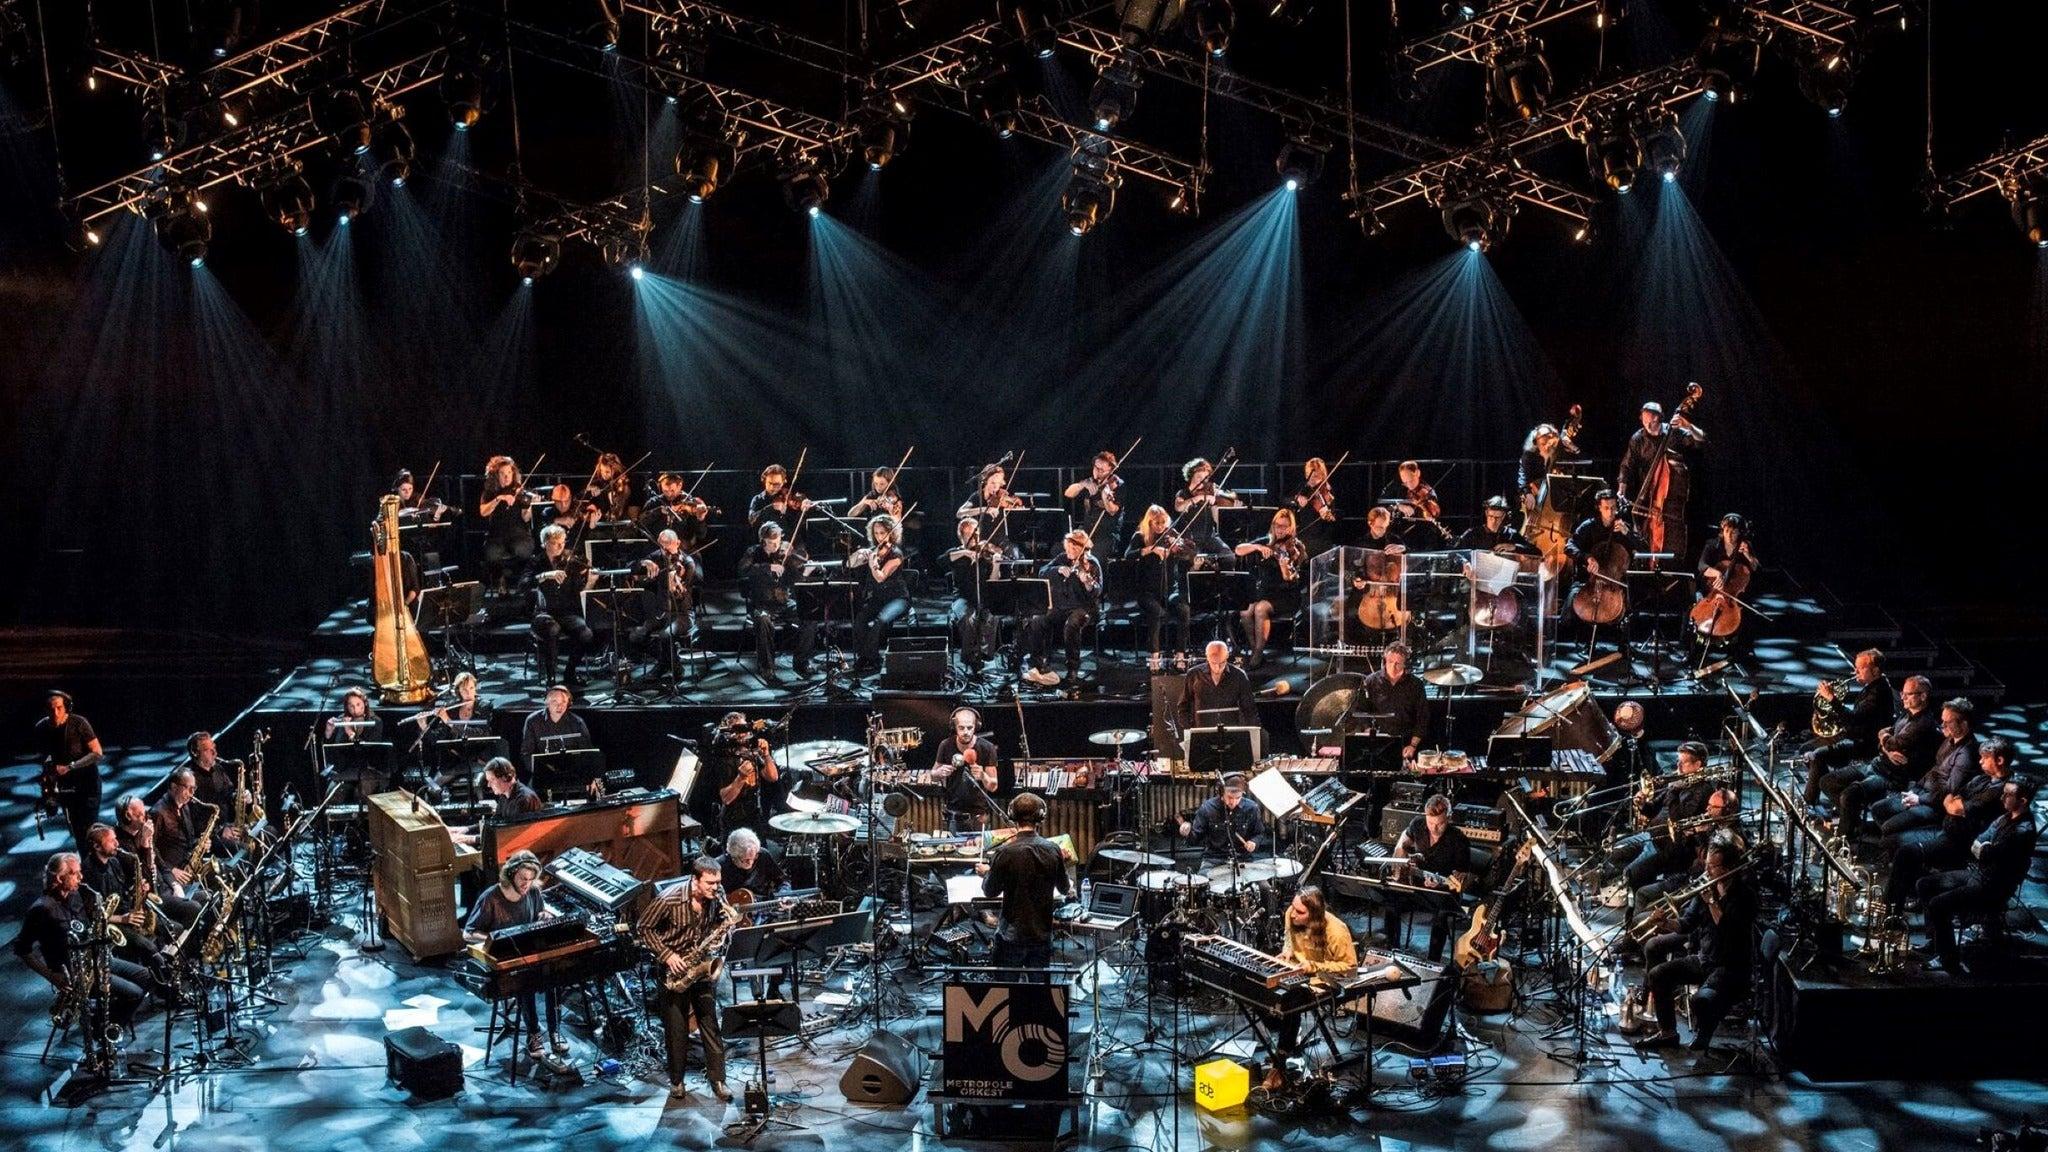 Metropole Orkest & Cello Giants